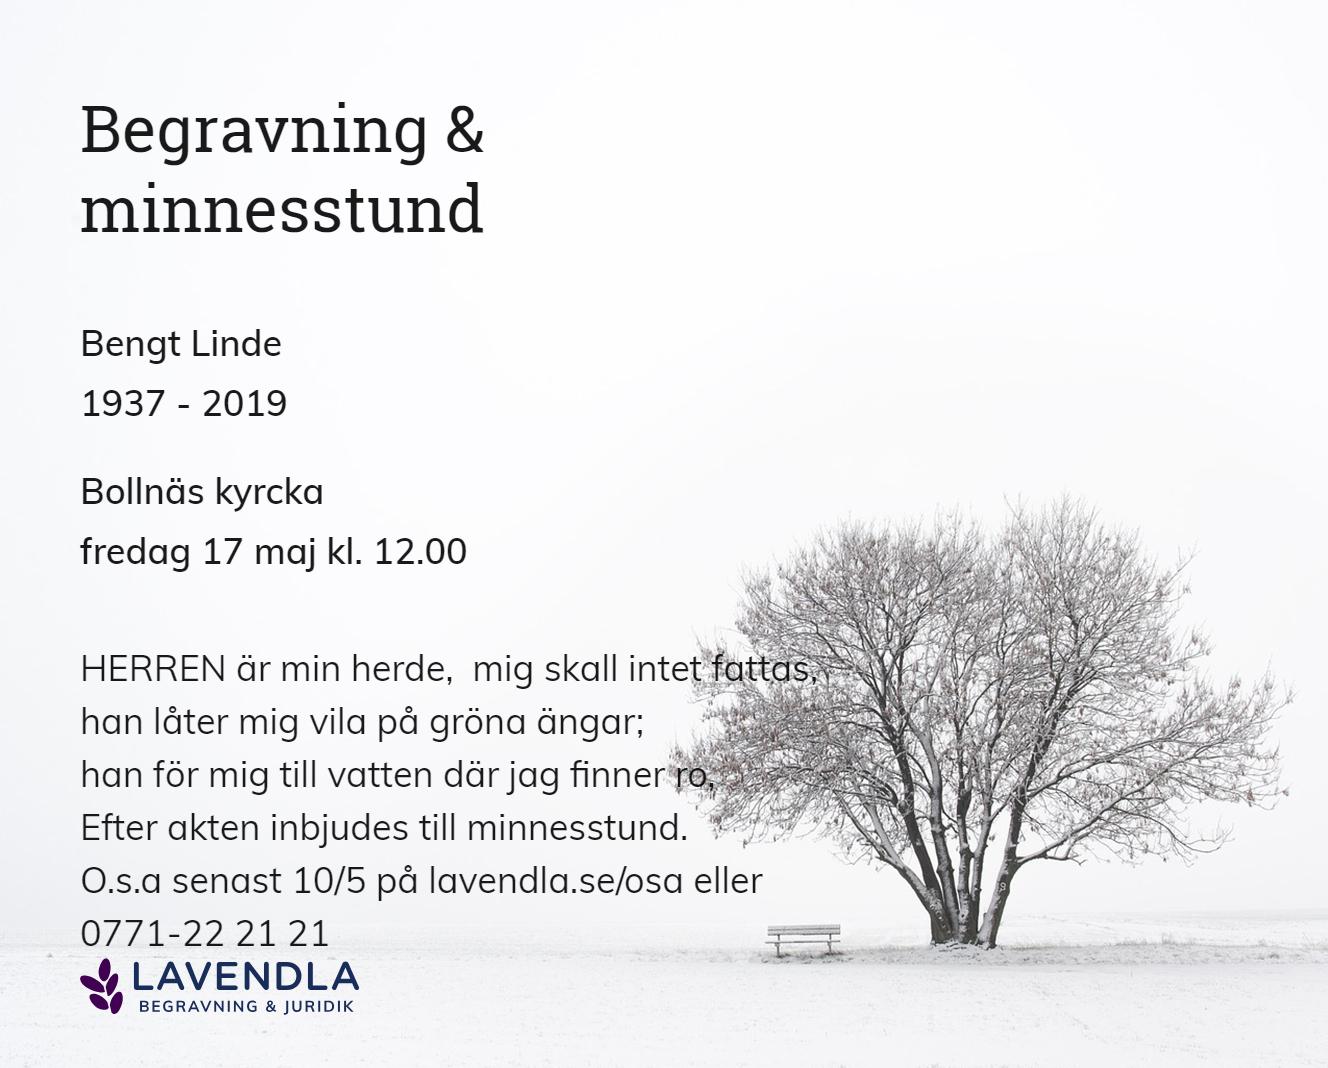 Inbjudningskort till ceremonin för Bengt Linde